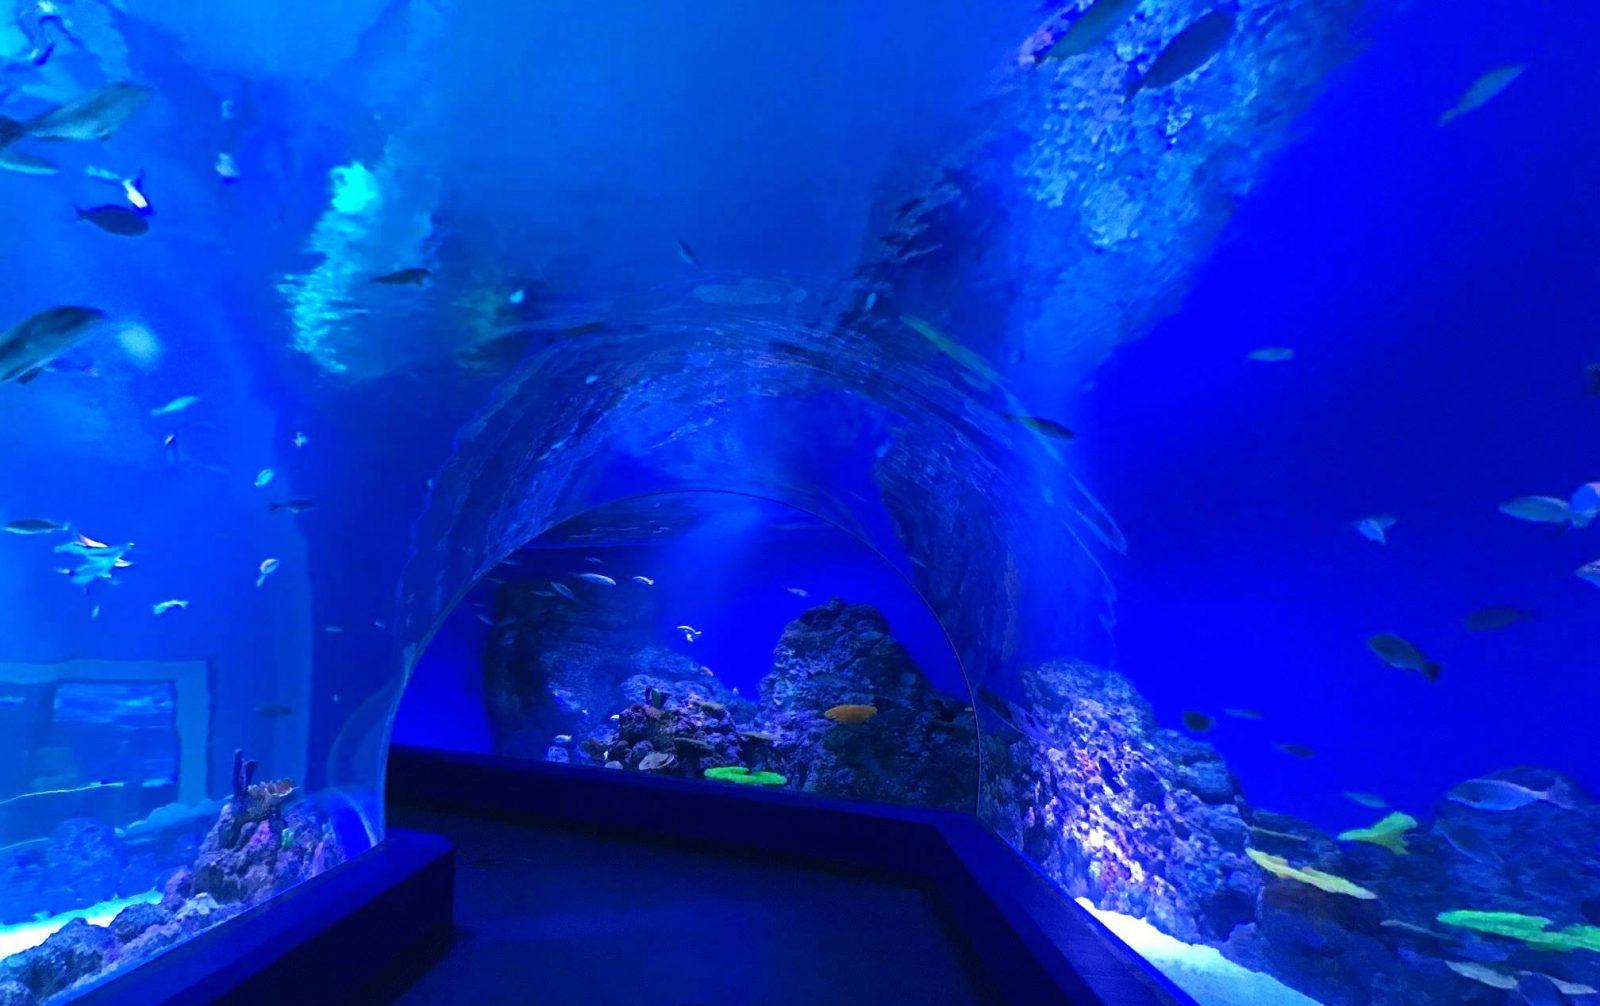 best public reef tank led lights 2020